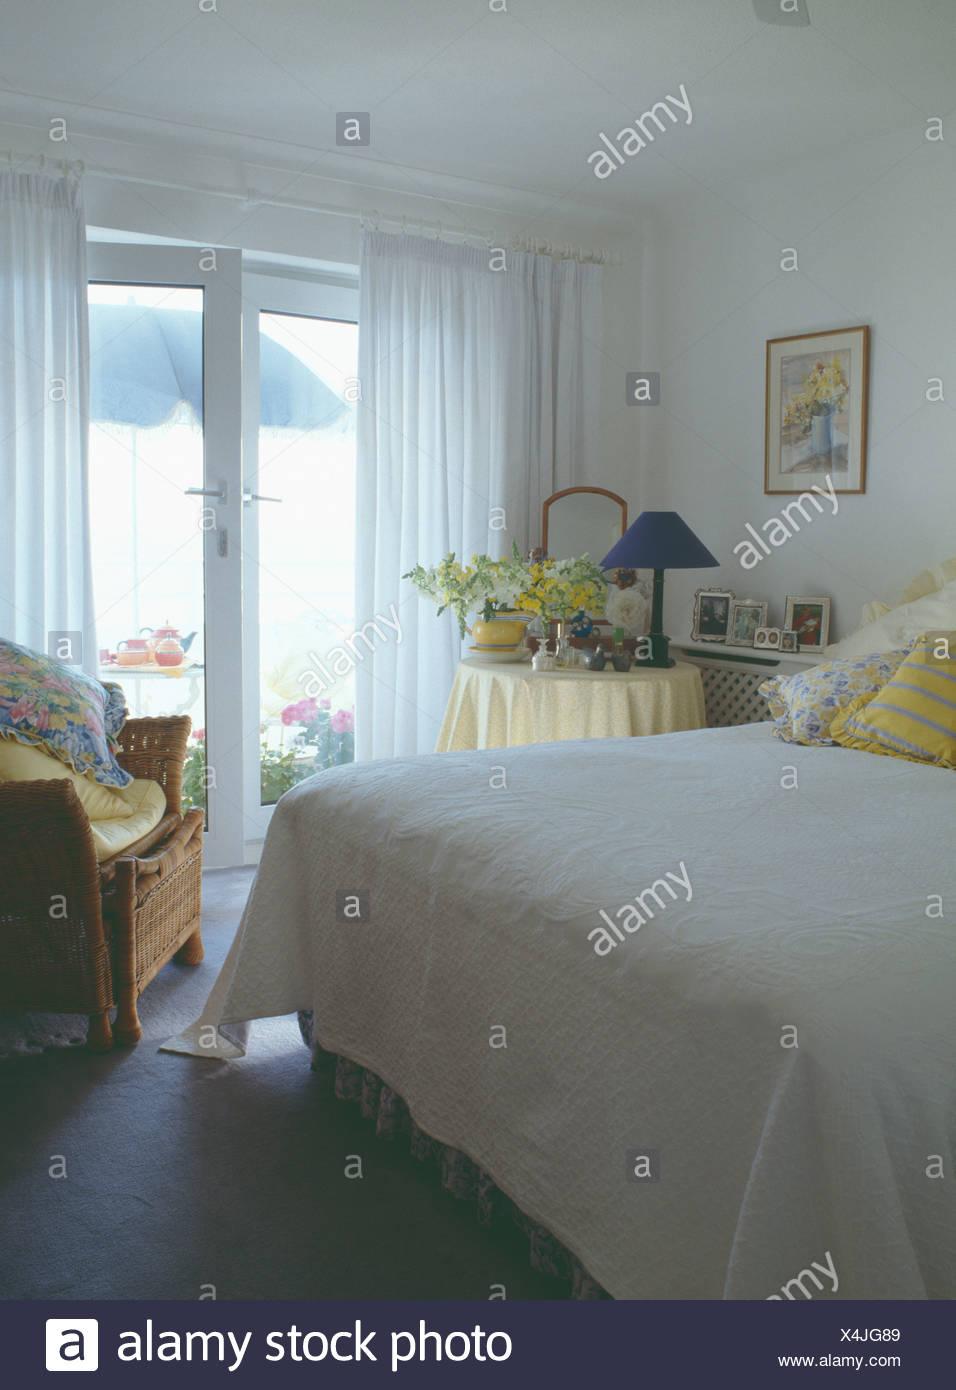 Meer Schlafzimmer mit weißen Quilt auf Bett und weiße Gardinen an